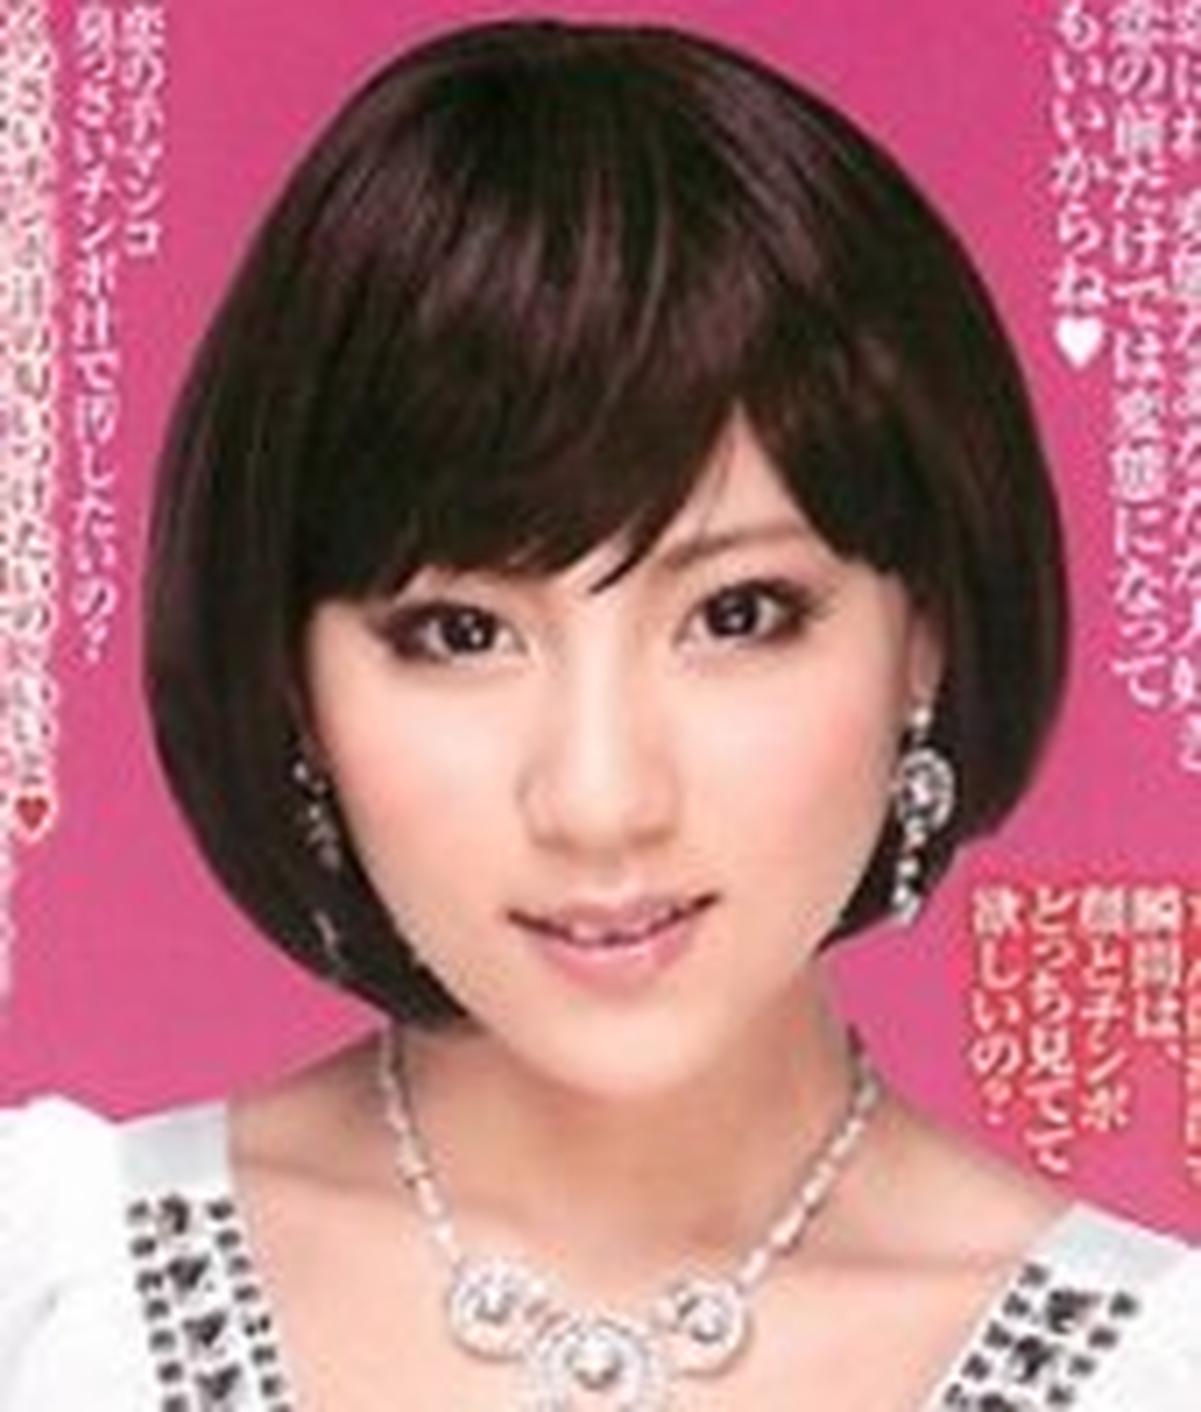 Ren Azumi wiki, Ren Azumi bio, Ren Azumi news